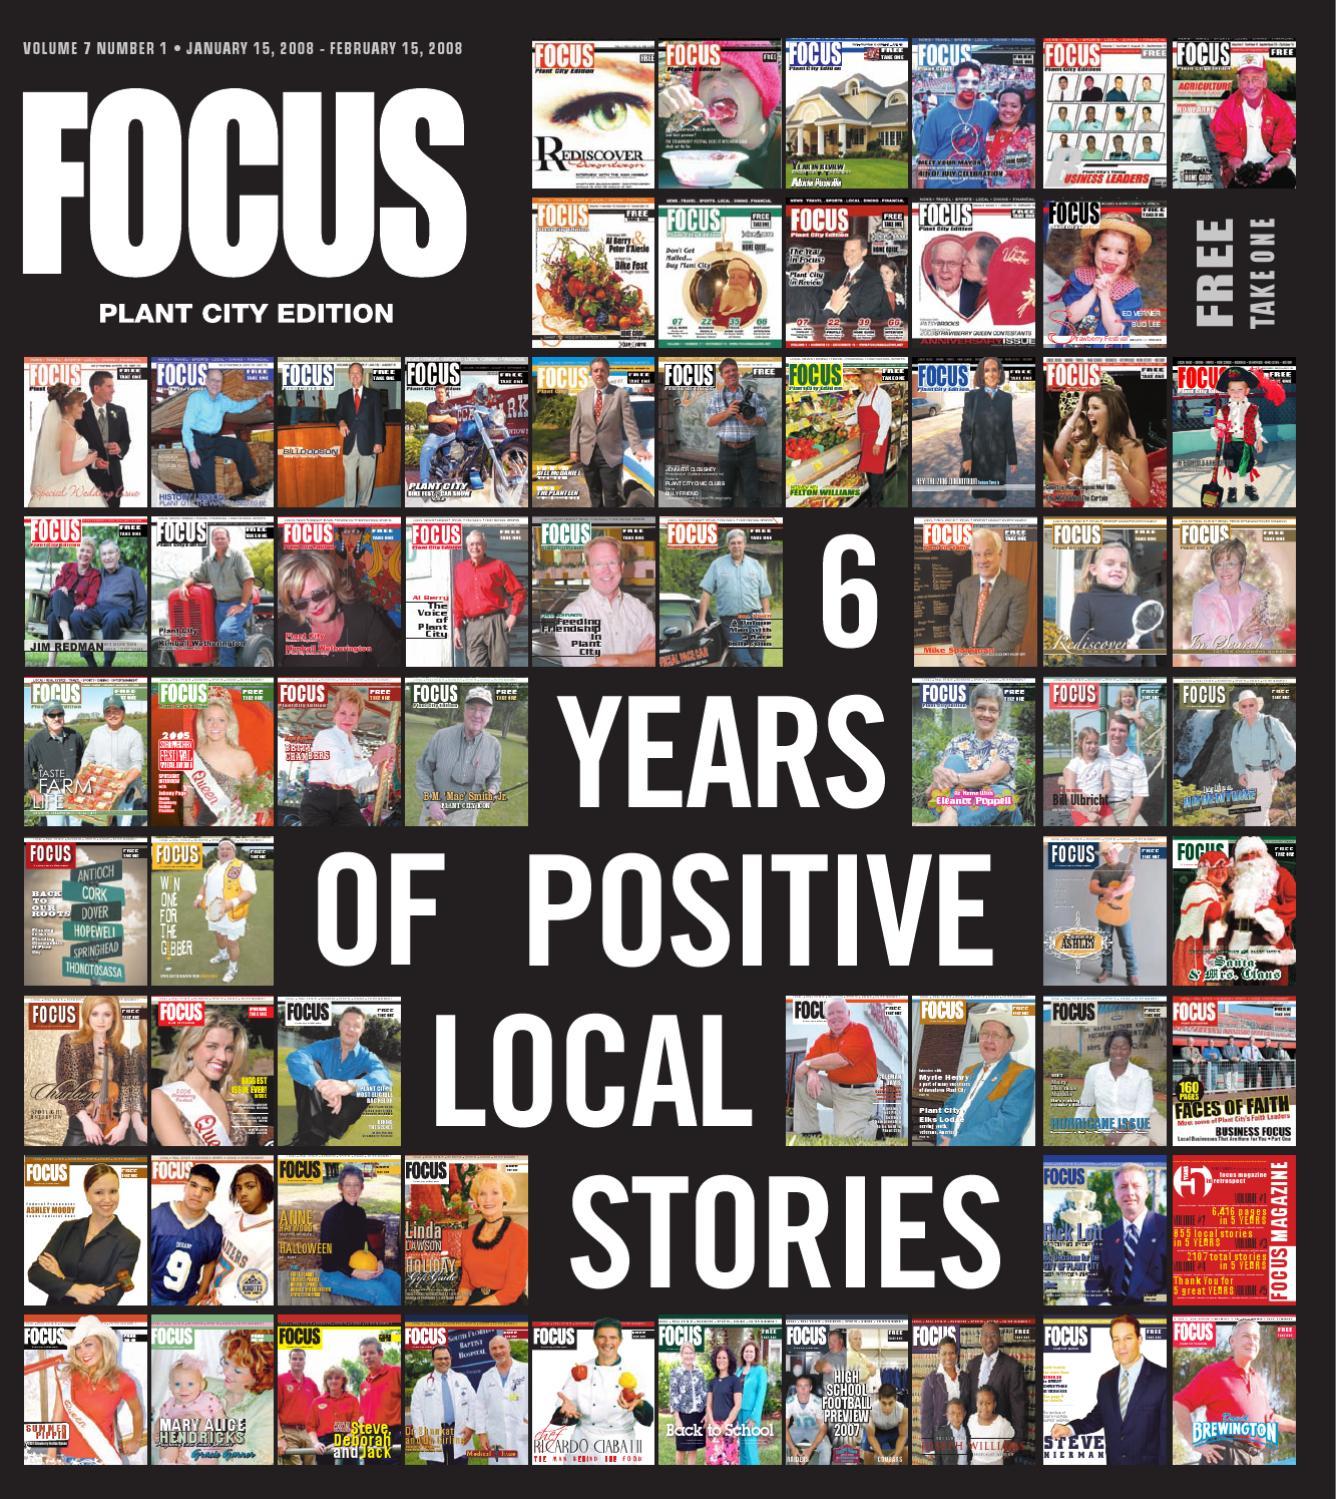 FOCUS Plant City 07 01 Jan 2008 by Floyd Publications issuu